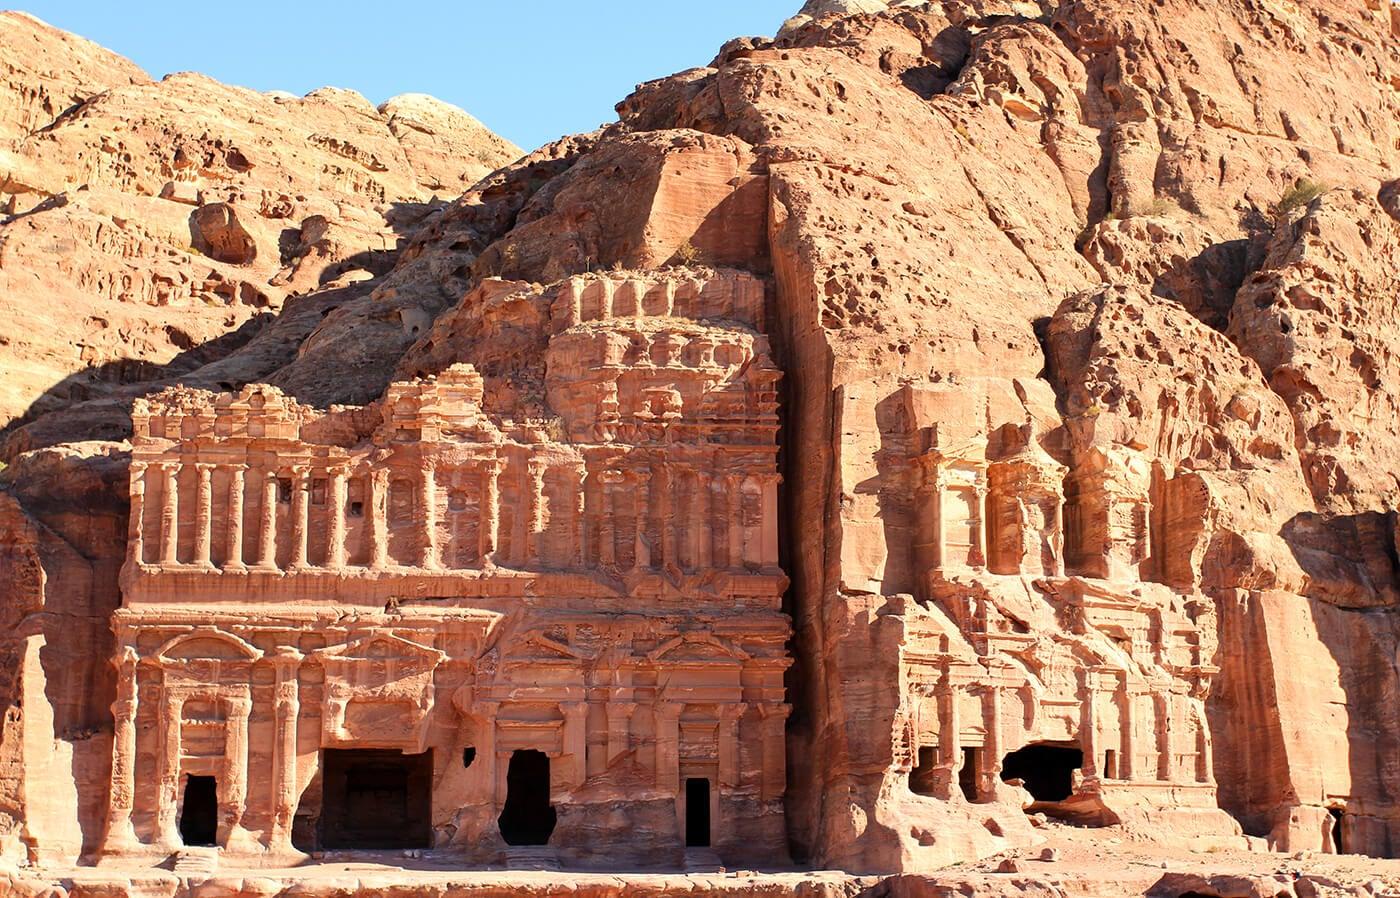 Tumbas Reales en la ciudad de Petra